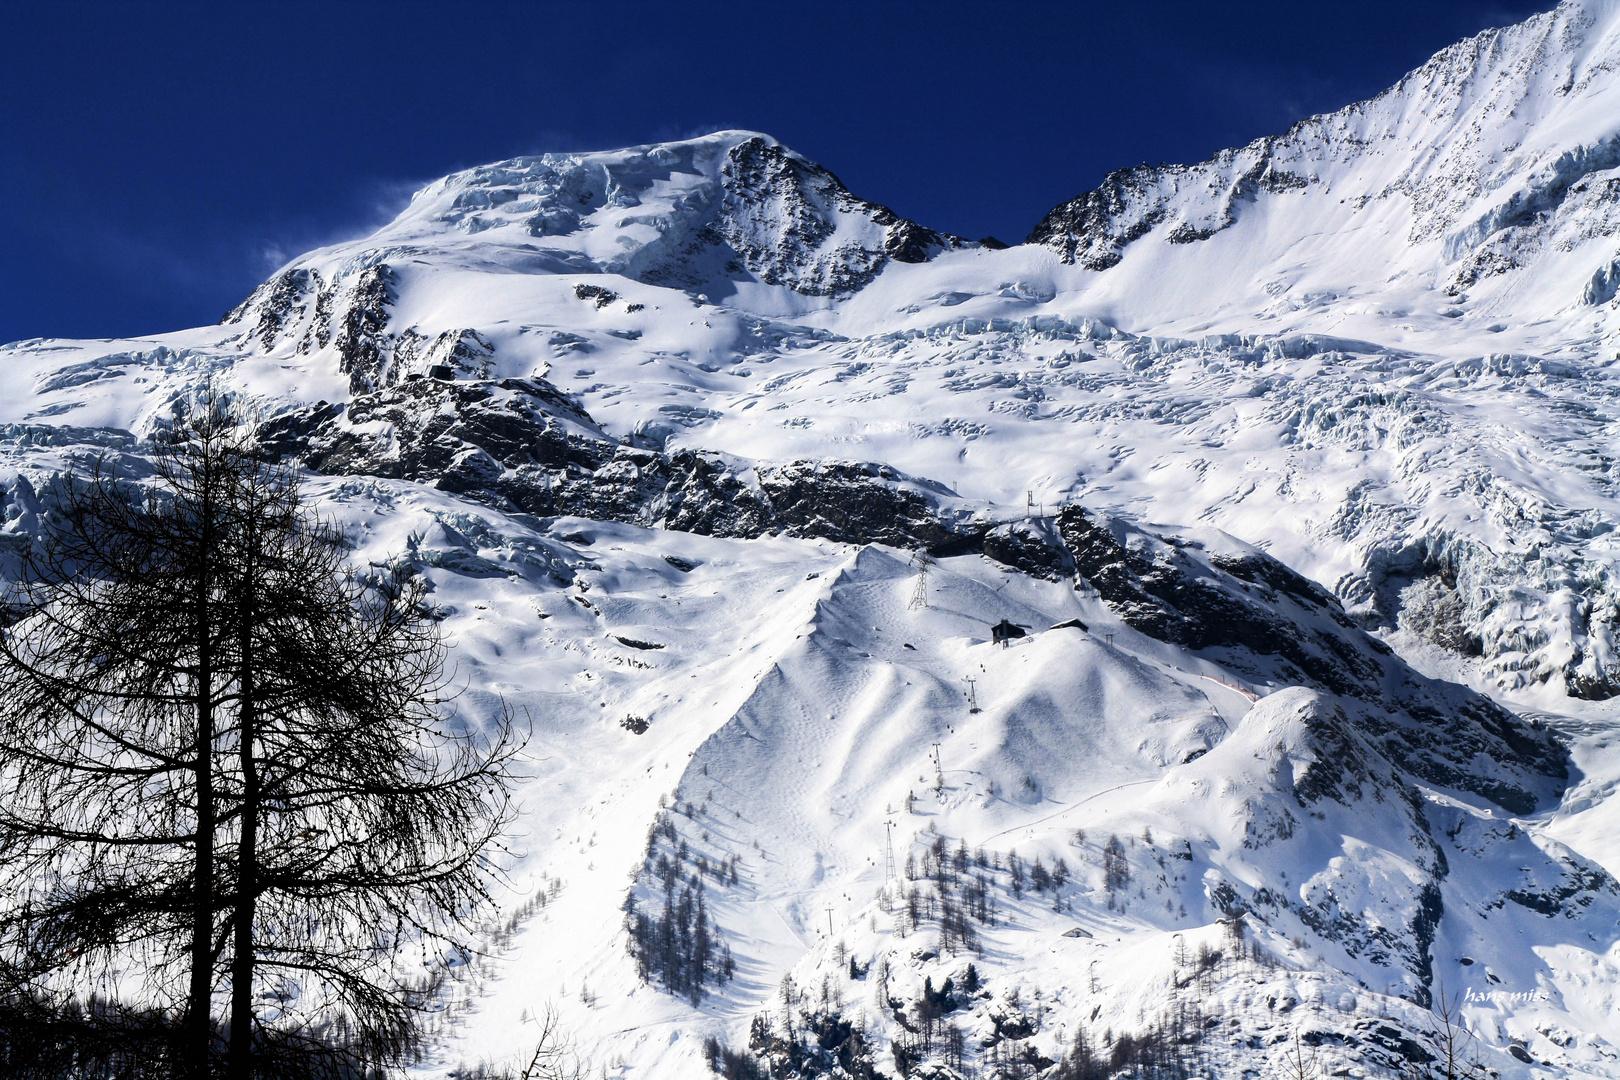 Riesen Gletscher (Saas Fee)